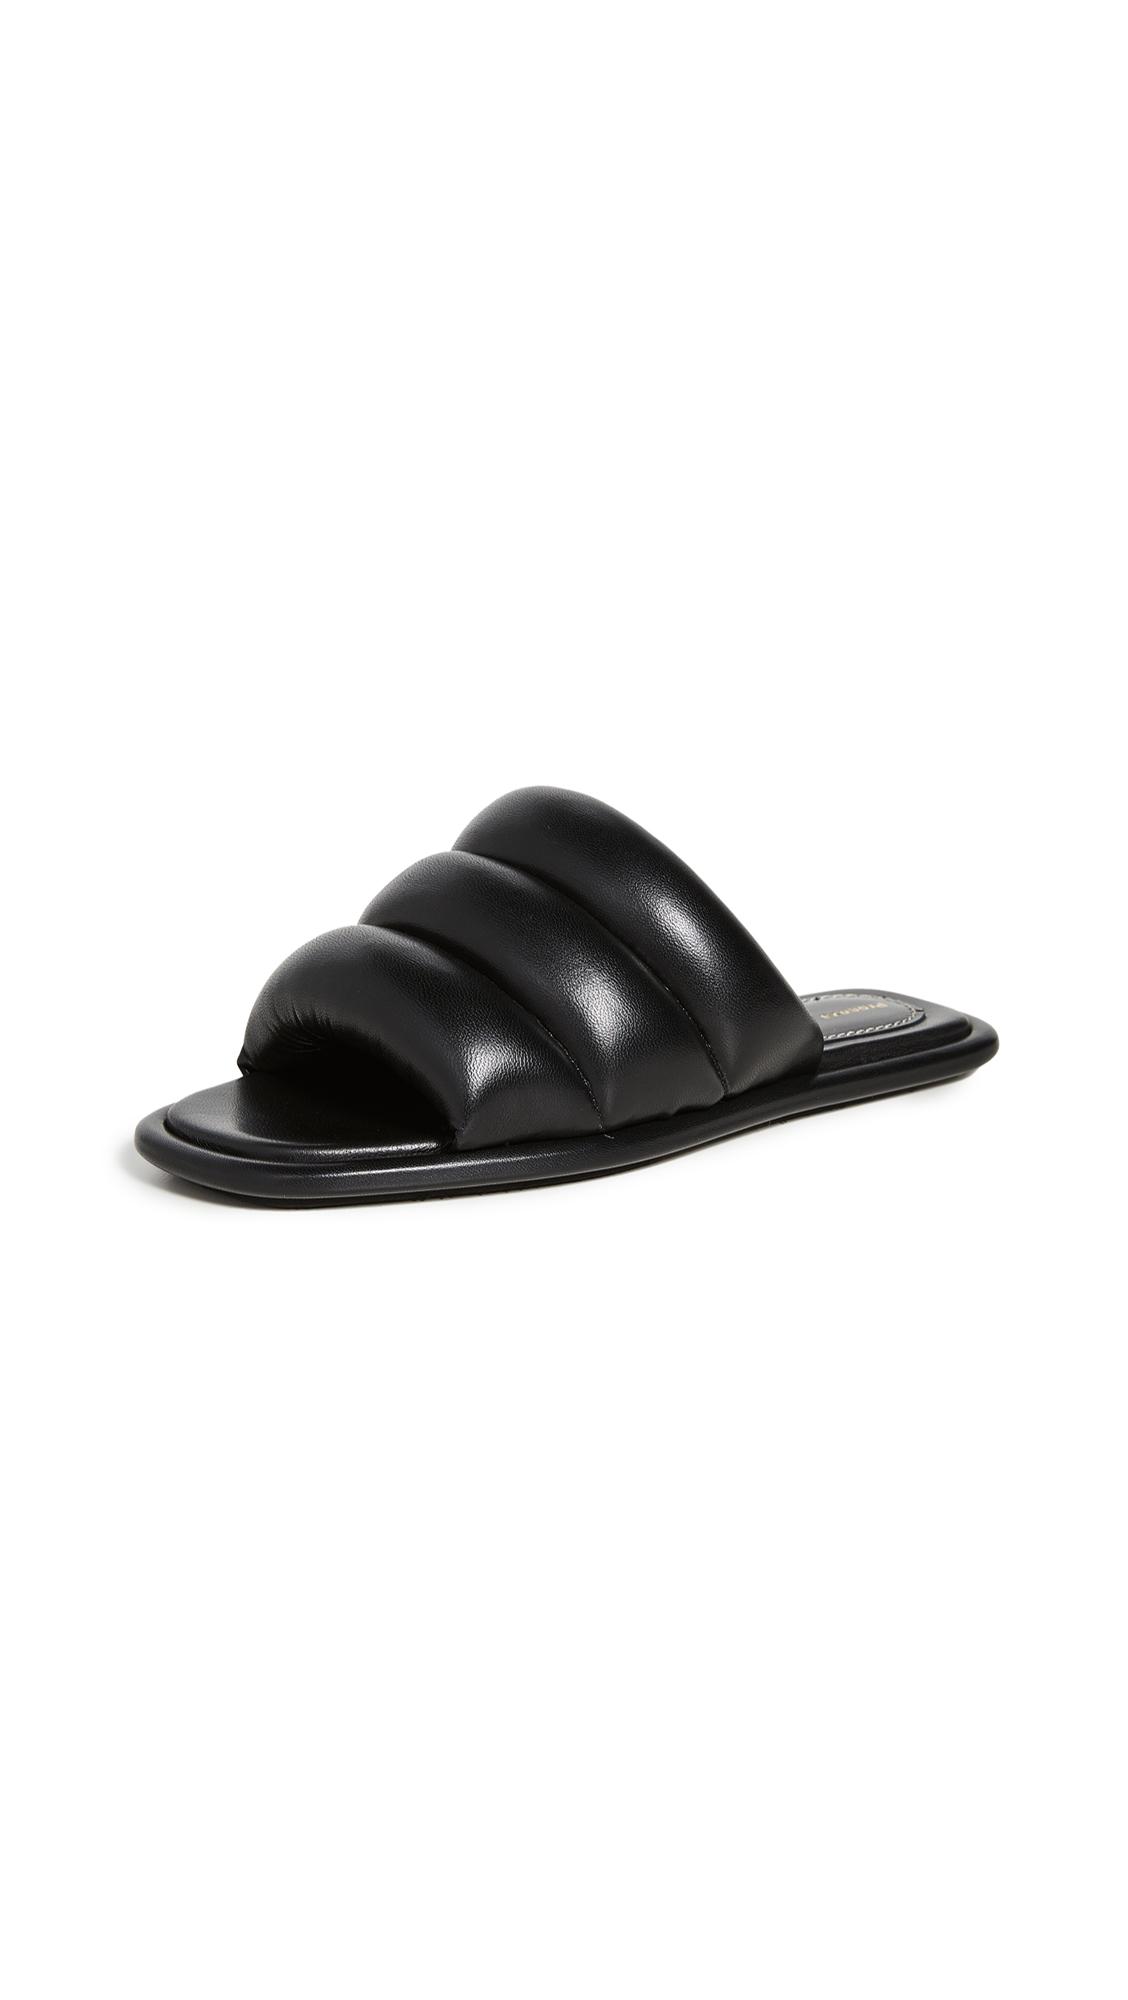 Buy Proenza Schouler Flat Slide Sandals online, shop Proenza Schouler